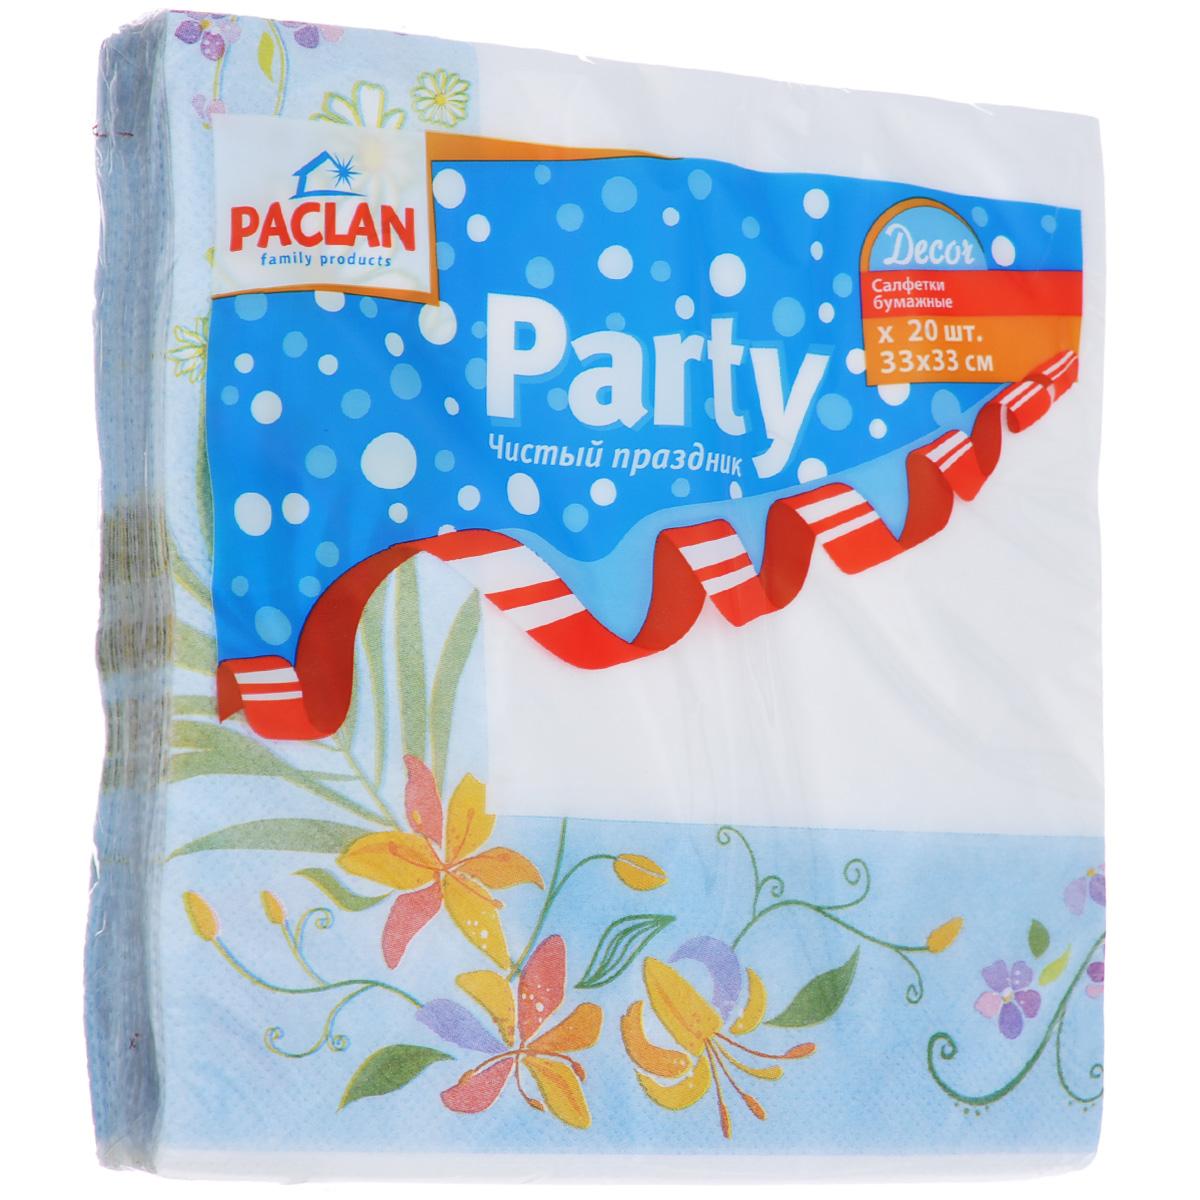 Салфетки бумажные Paclan Party. Decor, цвет: белый, голубой, трехслойные, 33 см х 33 см, 20 шт10503Трехслойные бумажные салфетки Paclan Party. Decor, выполненные из натуральной целлюлозы, станут отличным дополнением праздничного стола. Изделия украшены изображениями цветов. Они отличаются необычной мягкостью и прочностью. Салфетки красиво оформят сервировку стола. Размер салфеток: 33 см х 33 см. Количество слоев: 3 слоя. Количество салфеток: 20 шт.